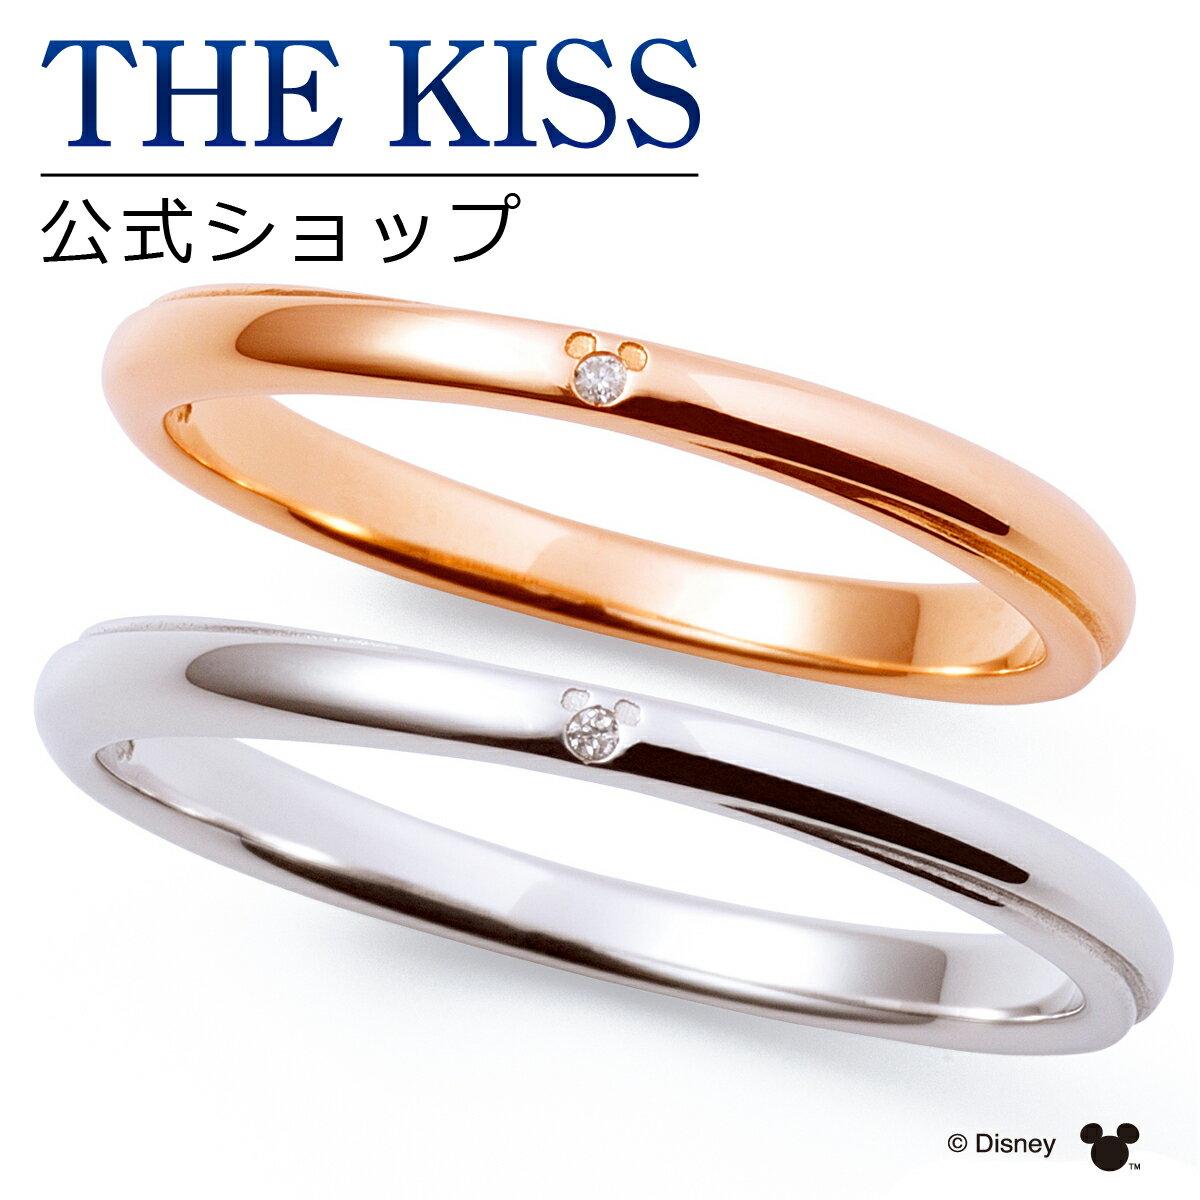 【あす楽対応】【ディズニーコレクション】 ディズニー / ペアリング / 隠れミッキーマウス / THE KISS sweets リング・指輪 K10ゴールド ダイヤモンド DI-PR2704DM-2705DM ザキス 【送料無料】【Disneyzone】